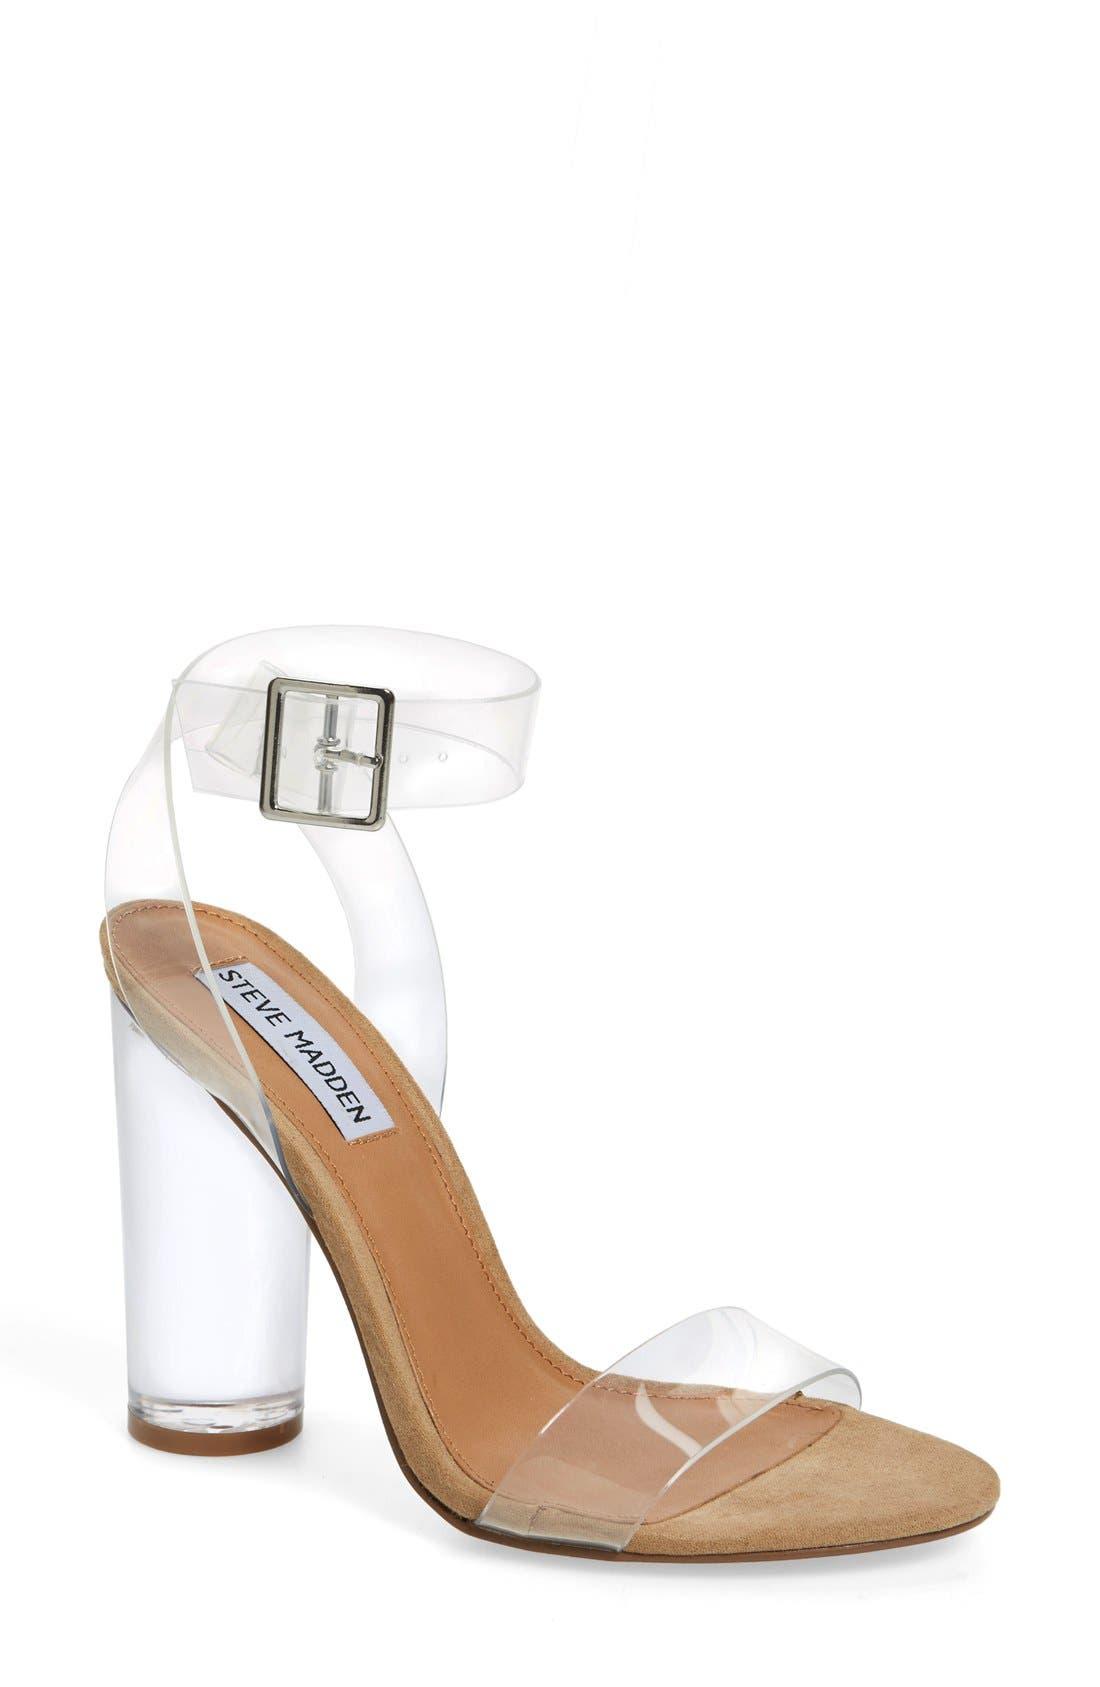 Main Image - Steve Madden Clearer Column Heel Sandal (Women)